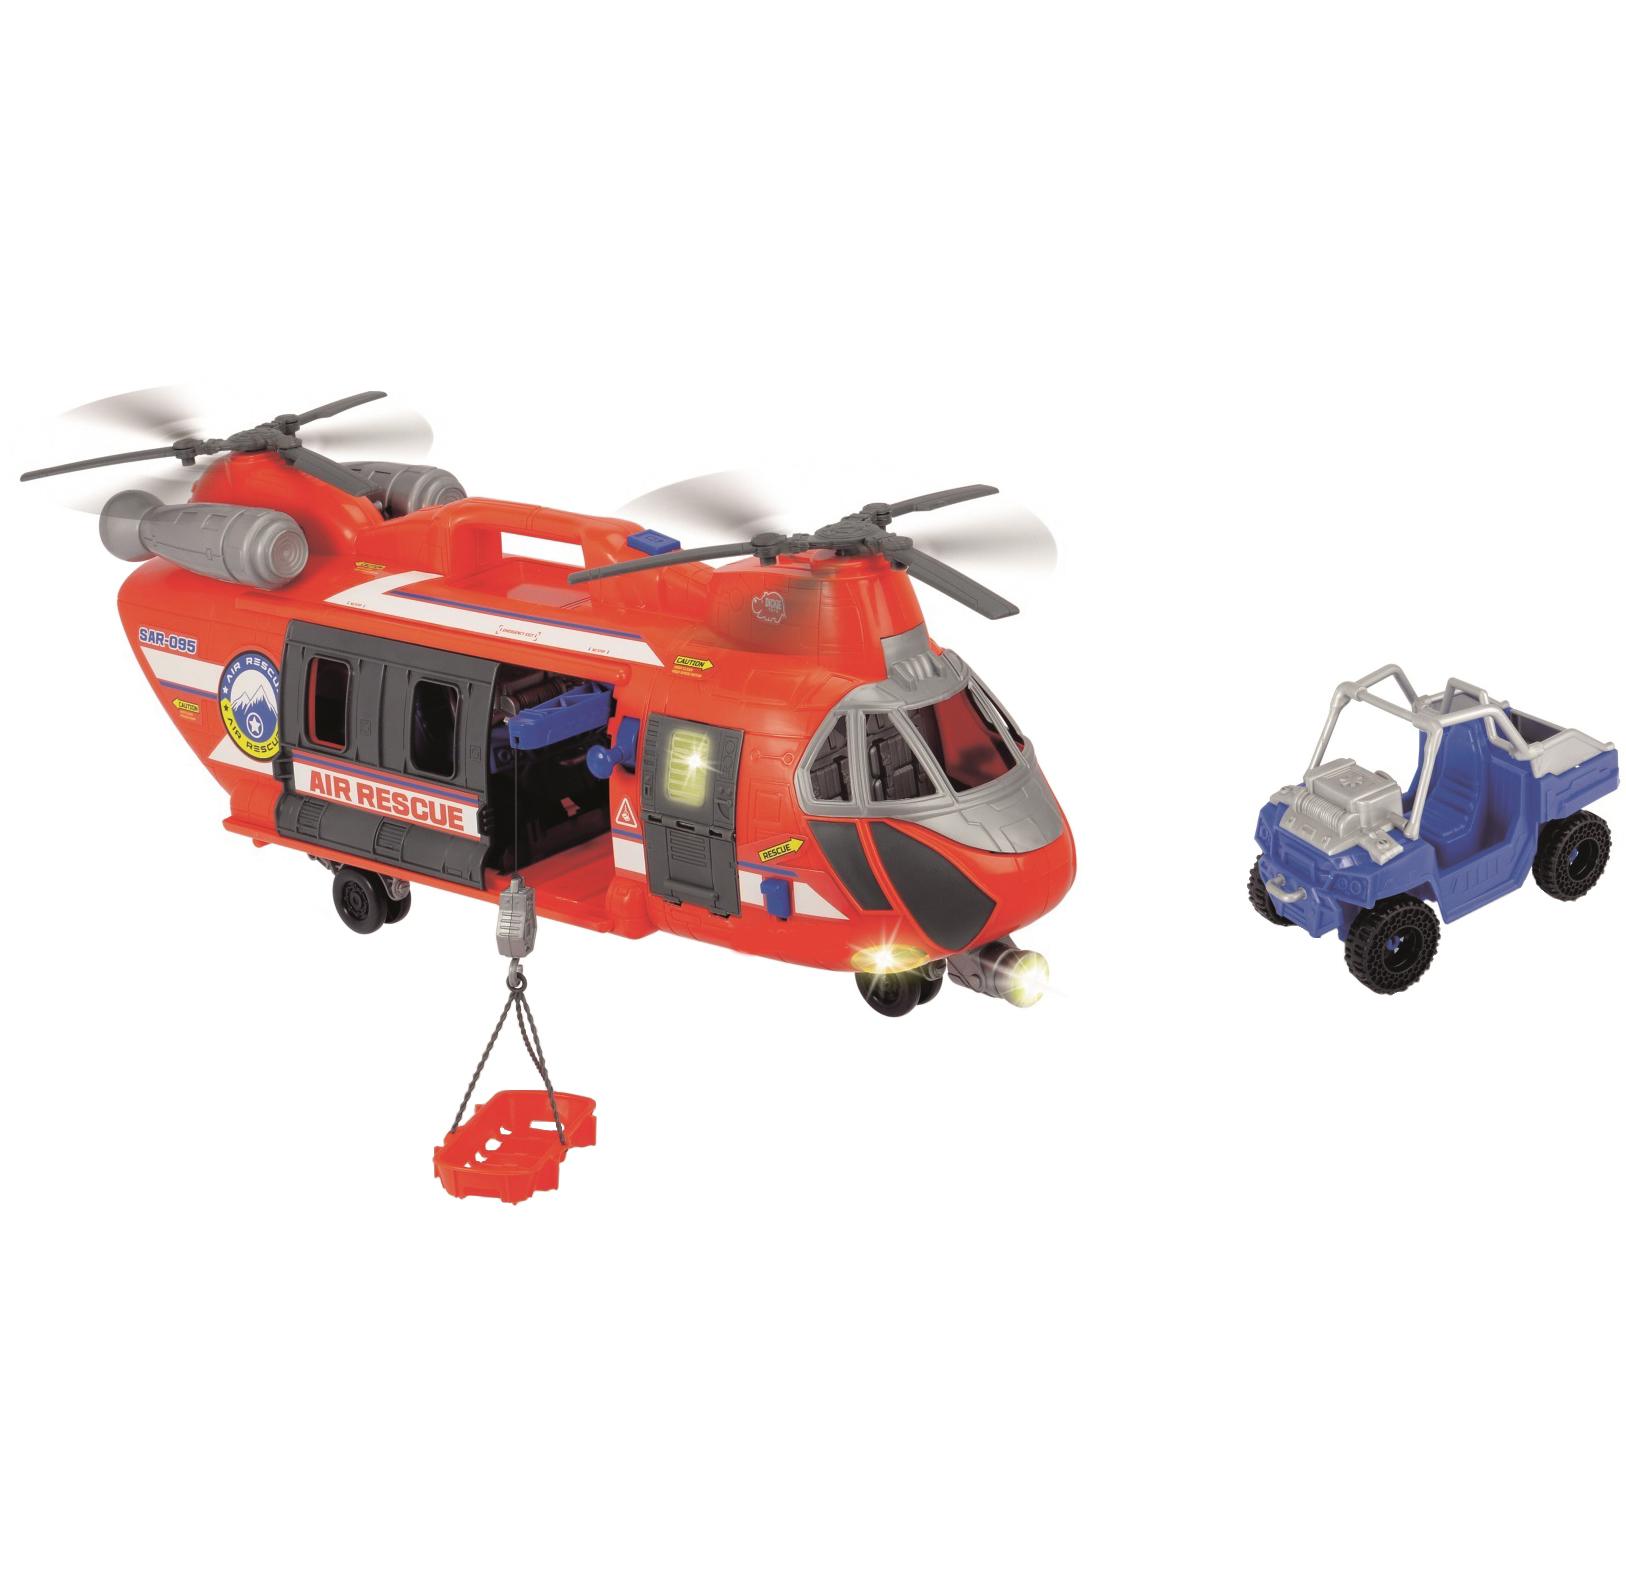 Вертолет спасателей 56 см., свет, звук и аксессуары - Пожарные машины, автобусы, вертолеты и др. техника, артикул: 167933